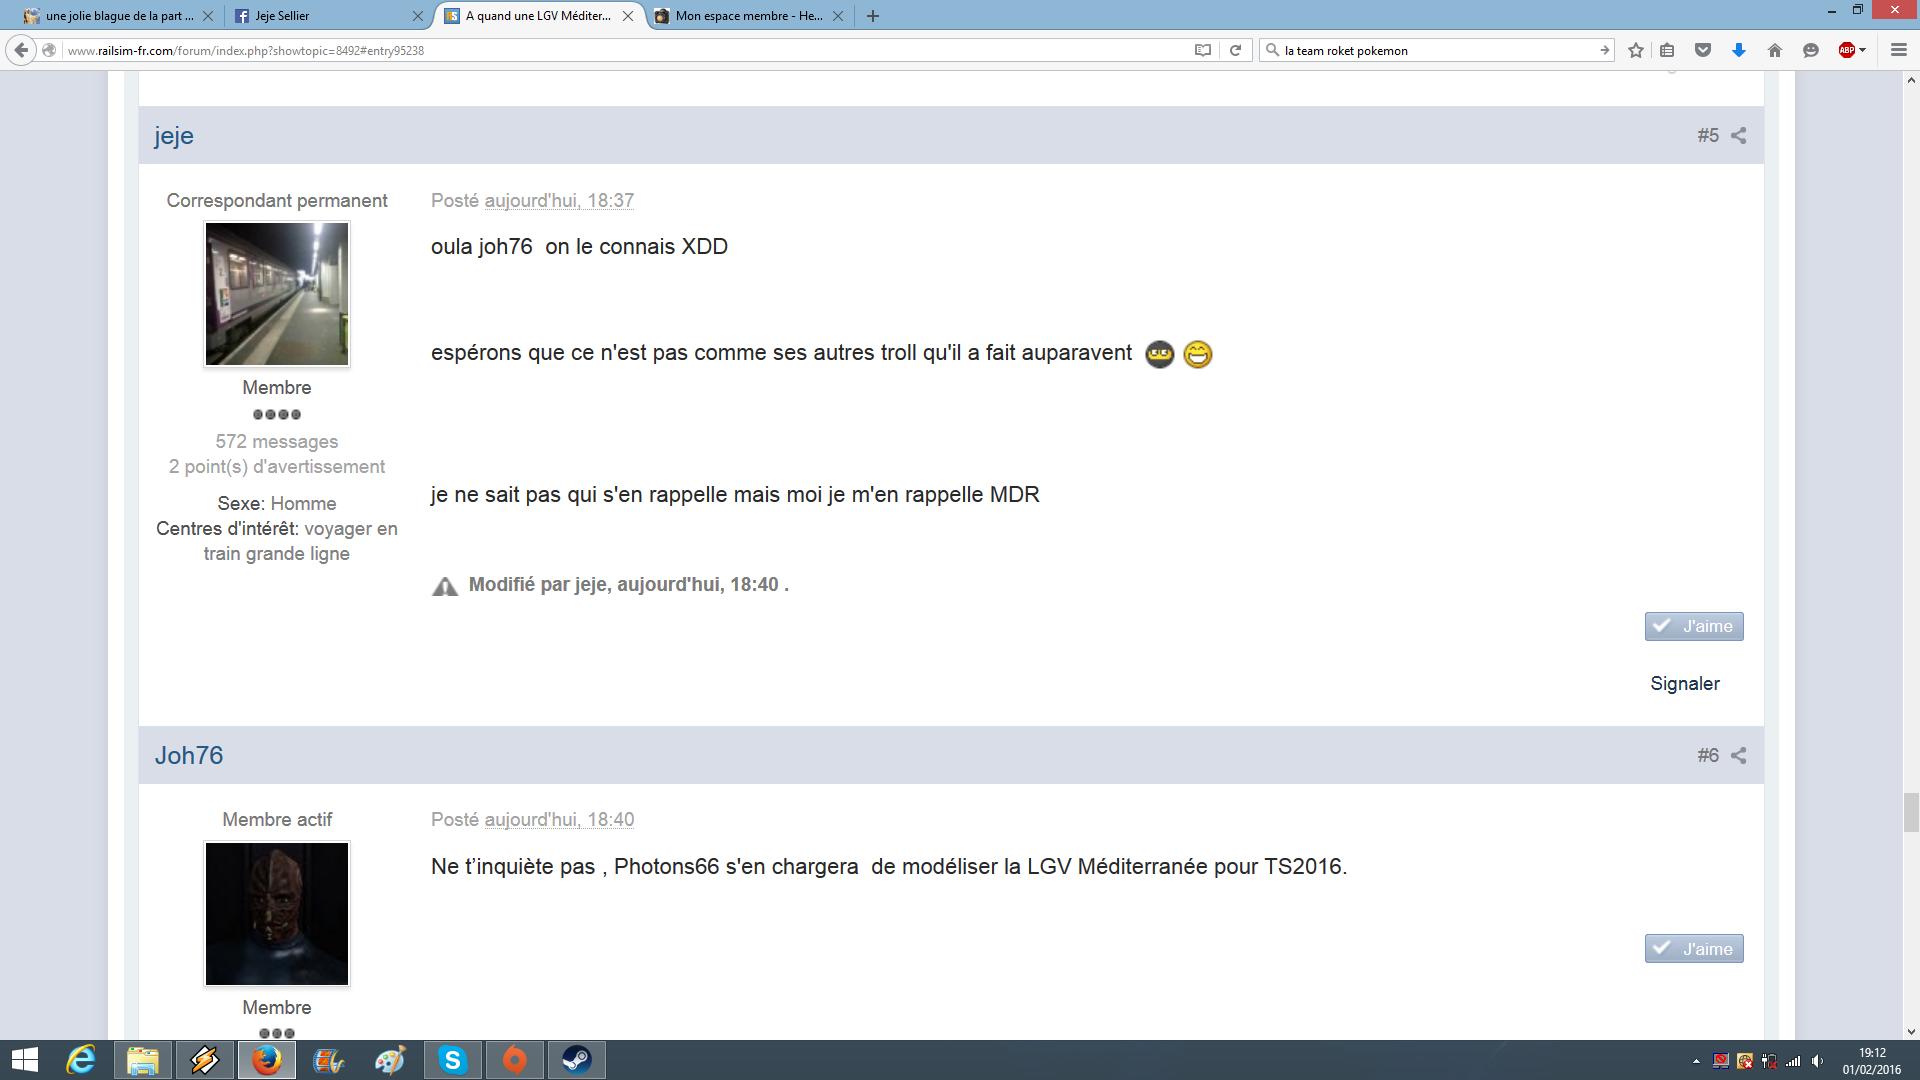 une jolie blague de la part d'une personne sur mon forum de train  ... 587578Sanstitre021